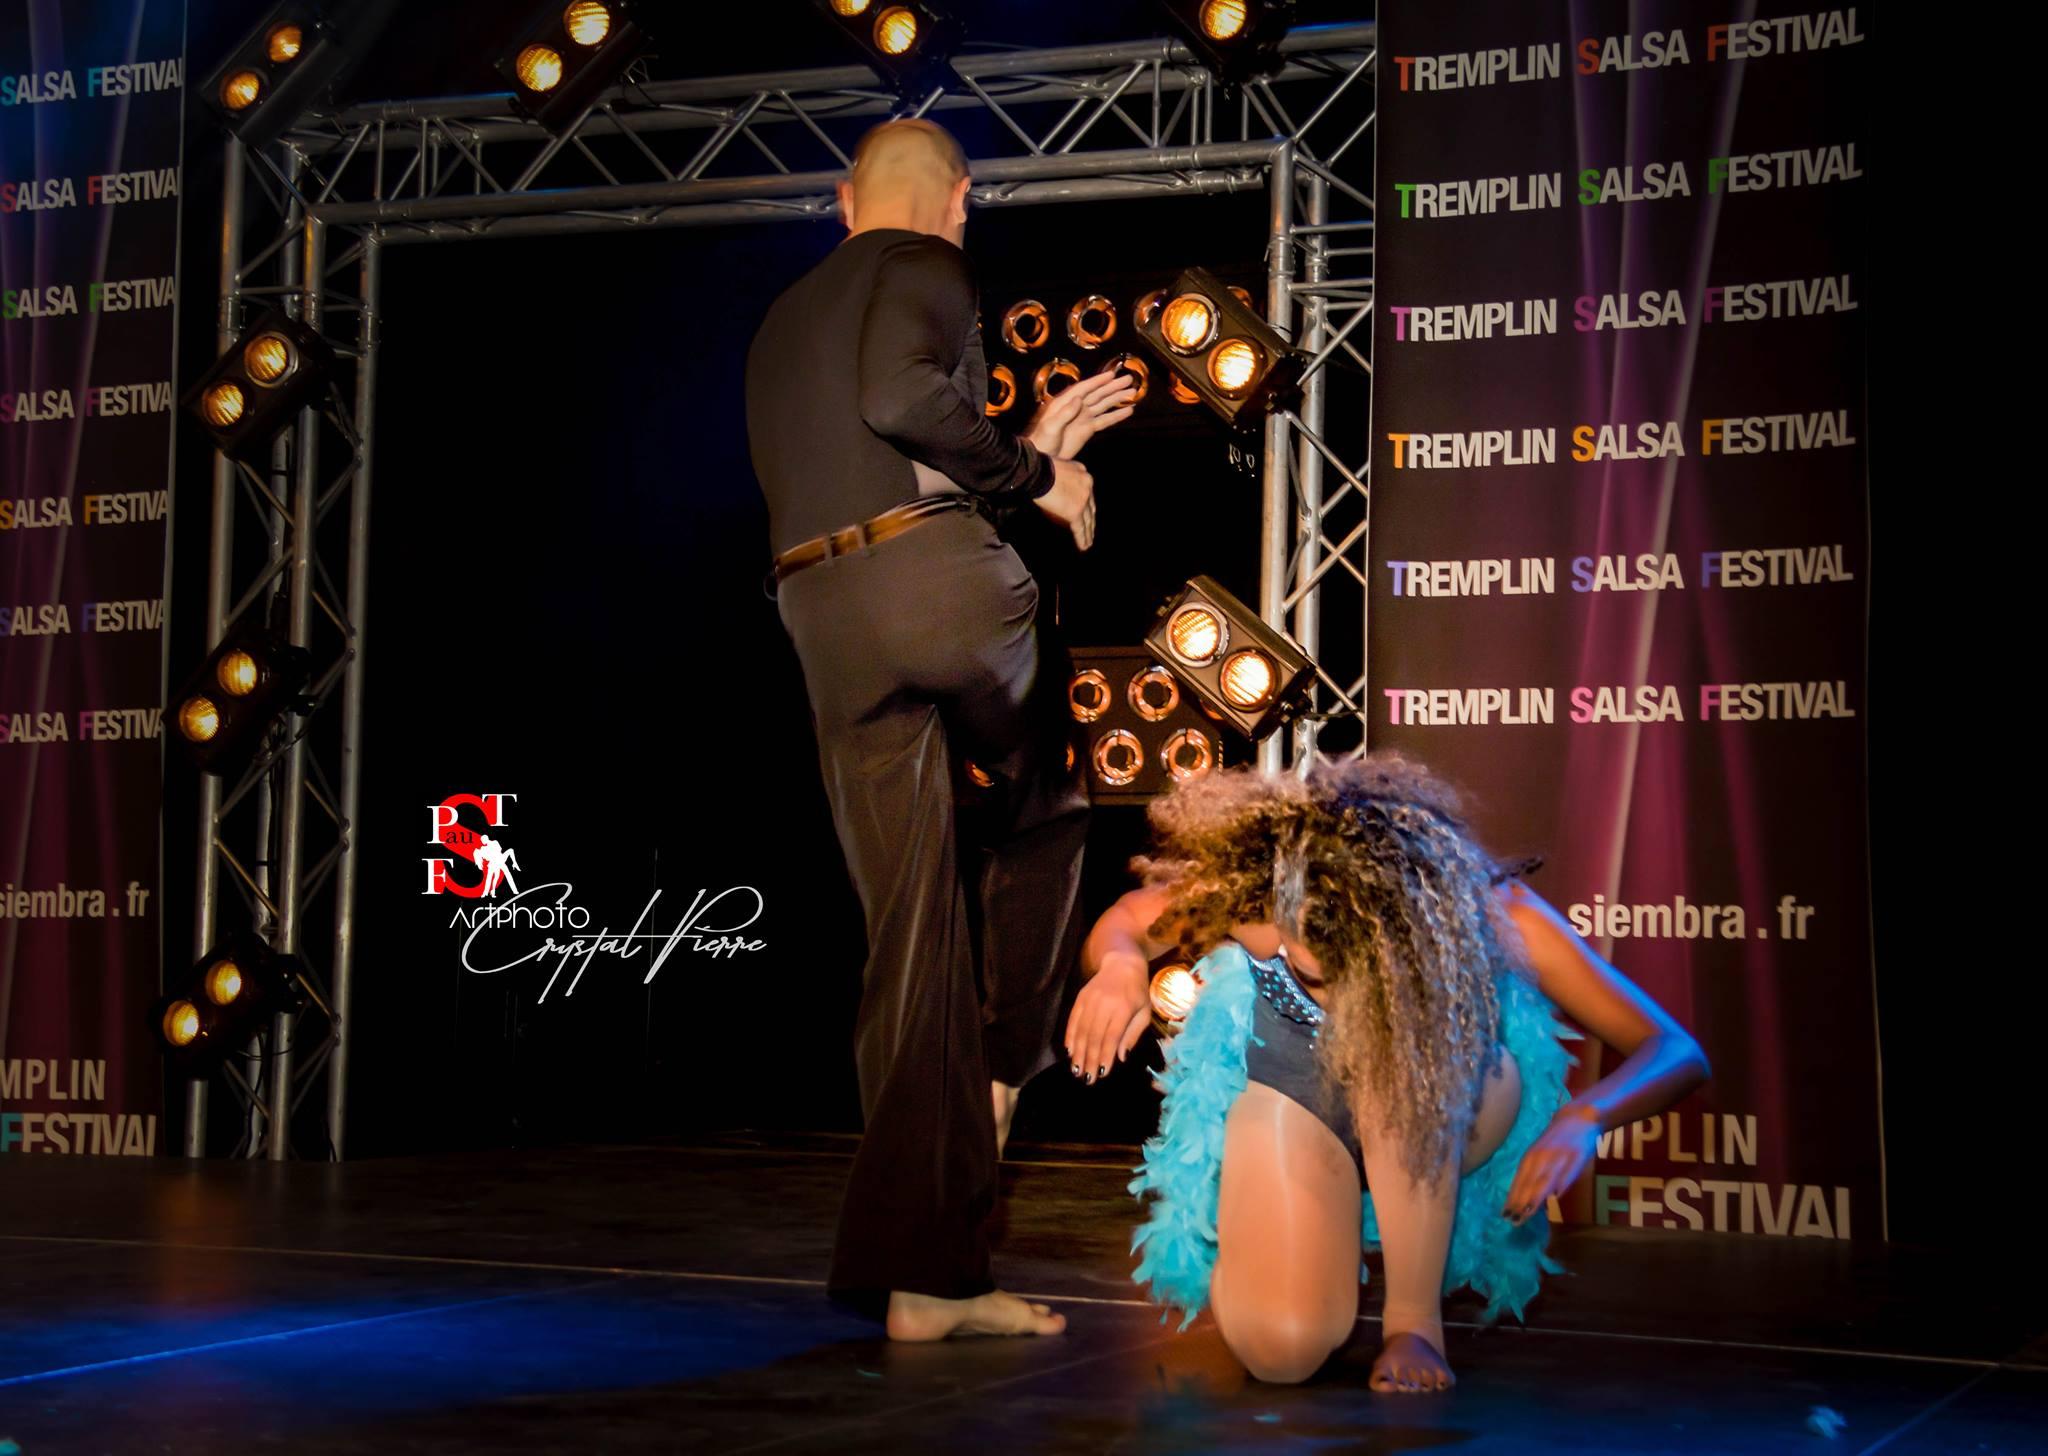 Pau Tremplin Salsa Festival